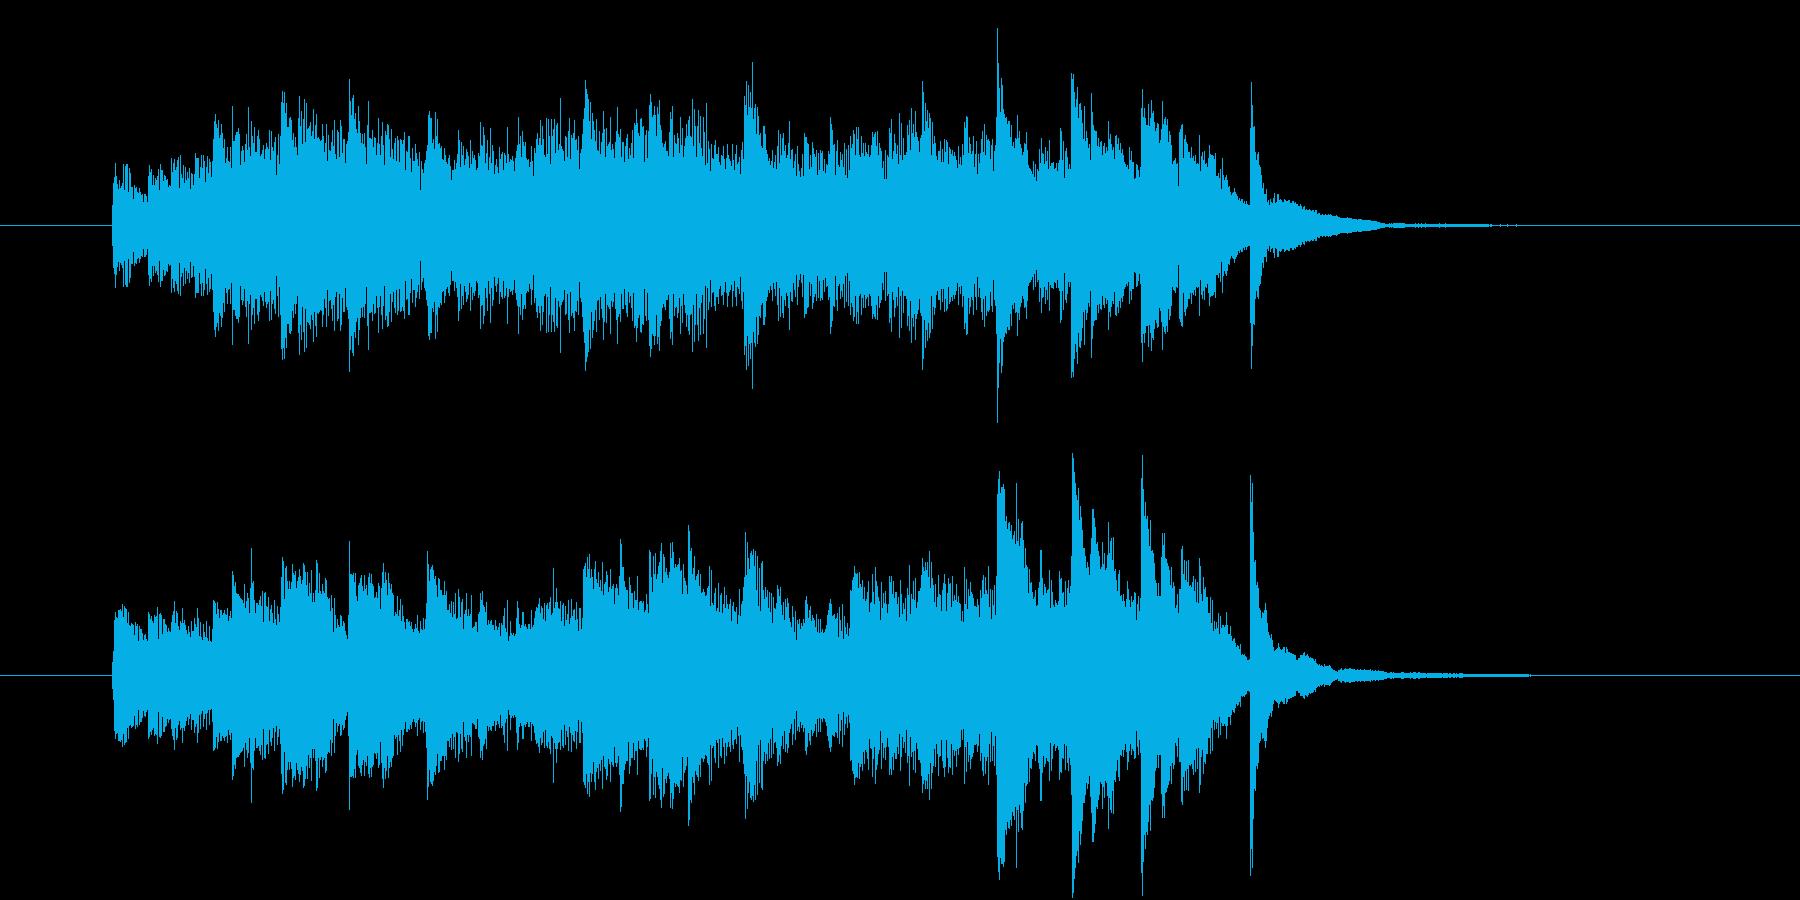 「ひらめきBGM」の再生済みの波形